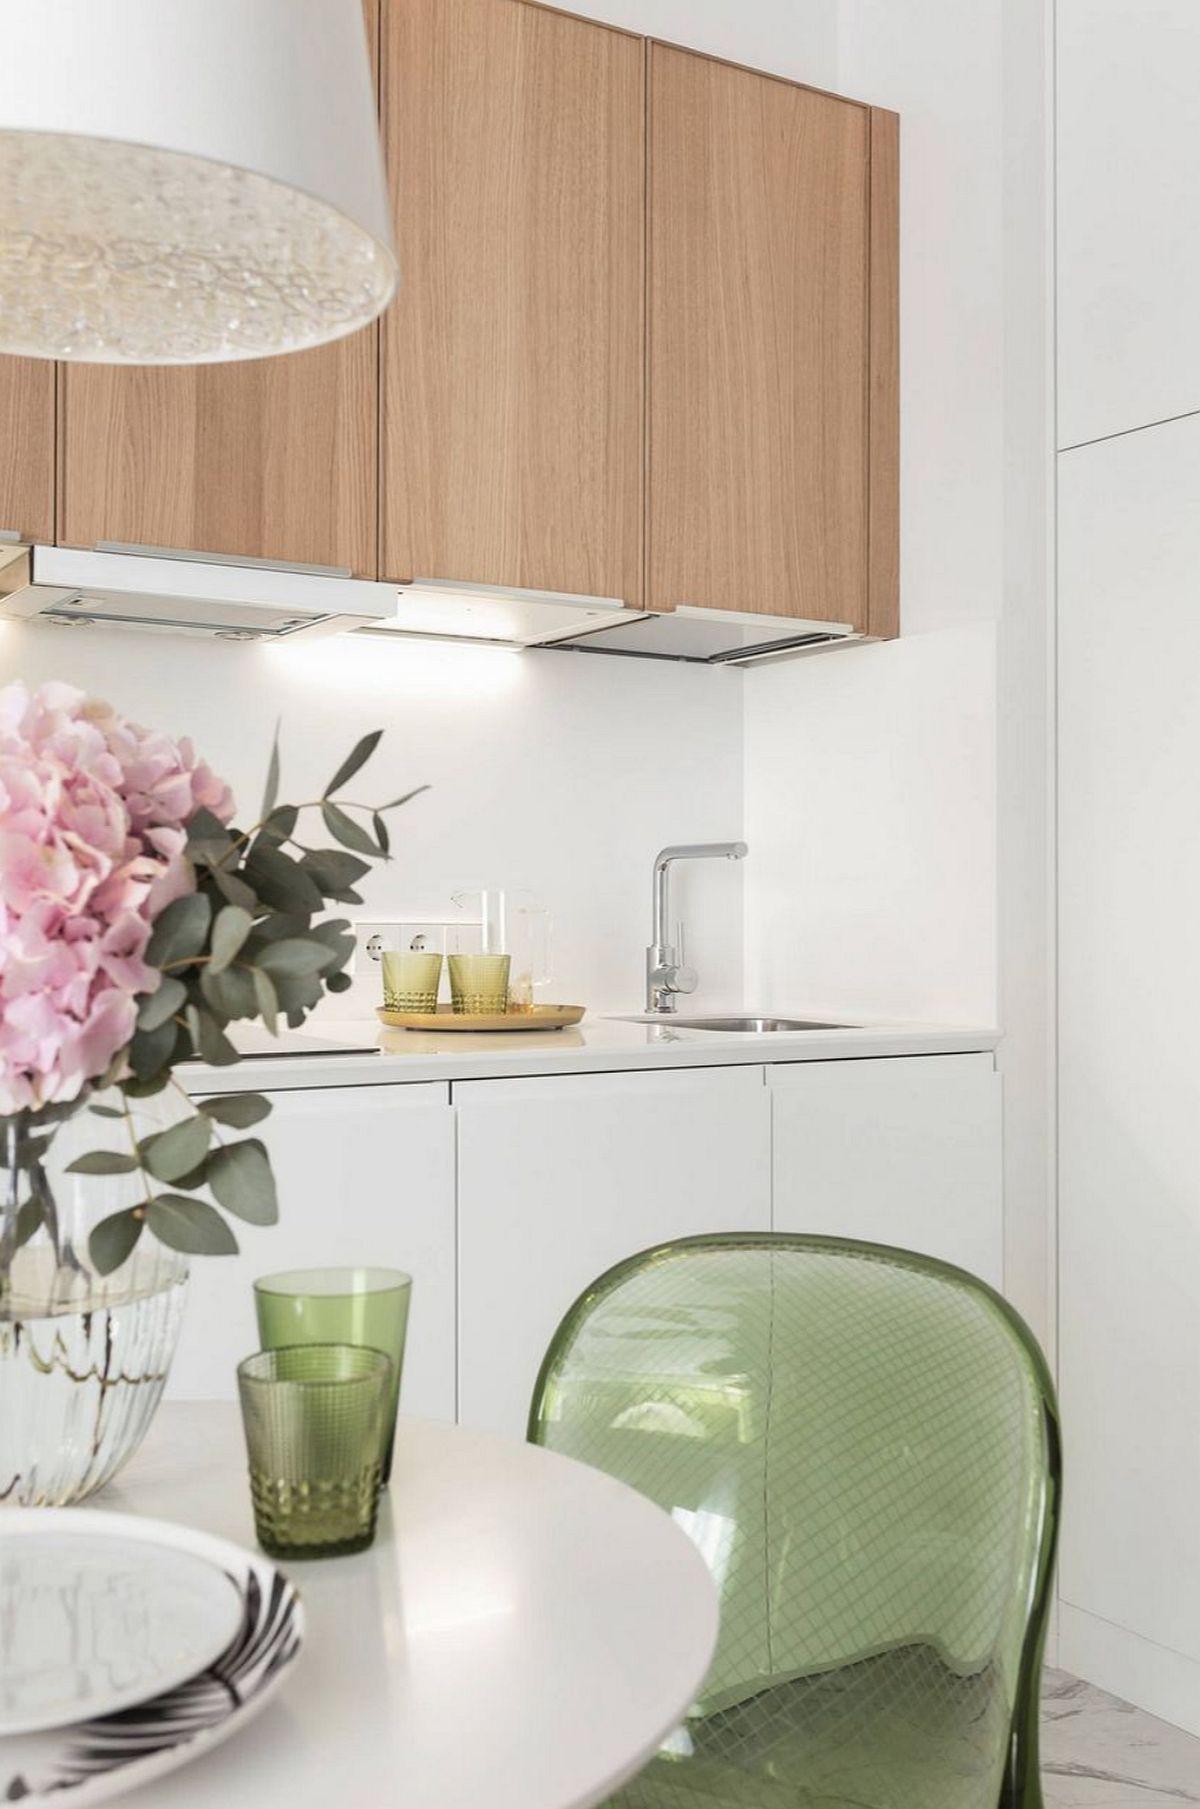 Majoritatea corpurilor de bucătărie sunt de la IKEA, și ele au incluse electrocasnice încorporabile. Pentru că spațiul este mic s-a ales o chiuvetă și o plită de mici dimensiuni.